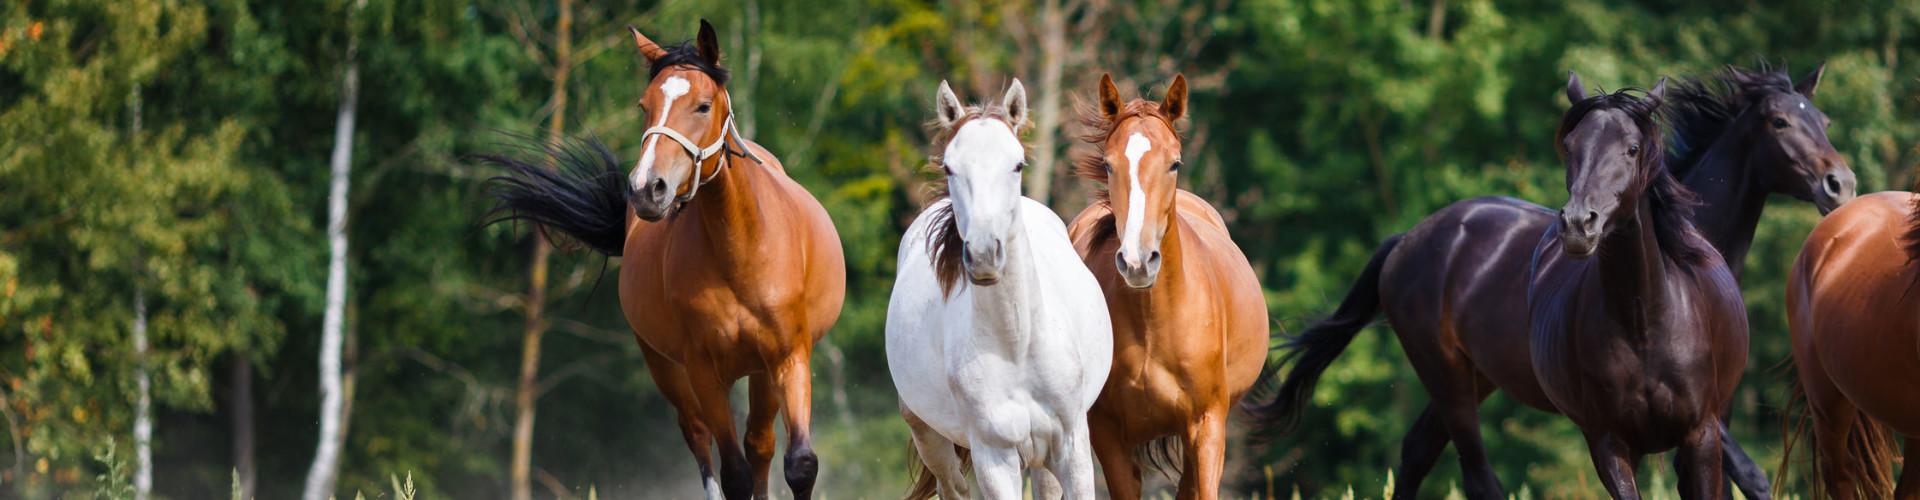 Kudde paarden rennend in de wei